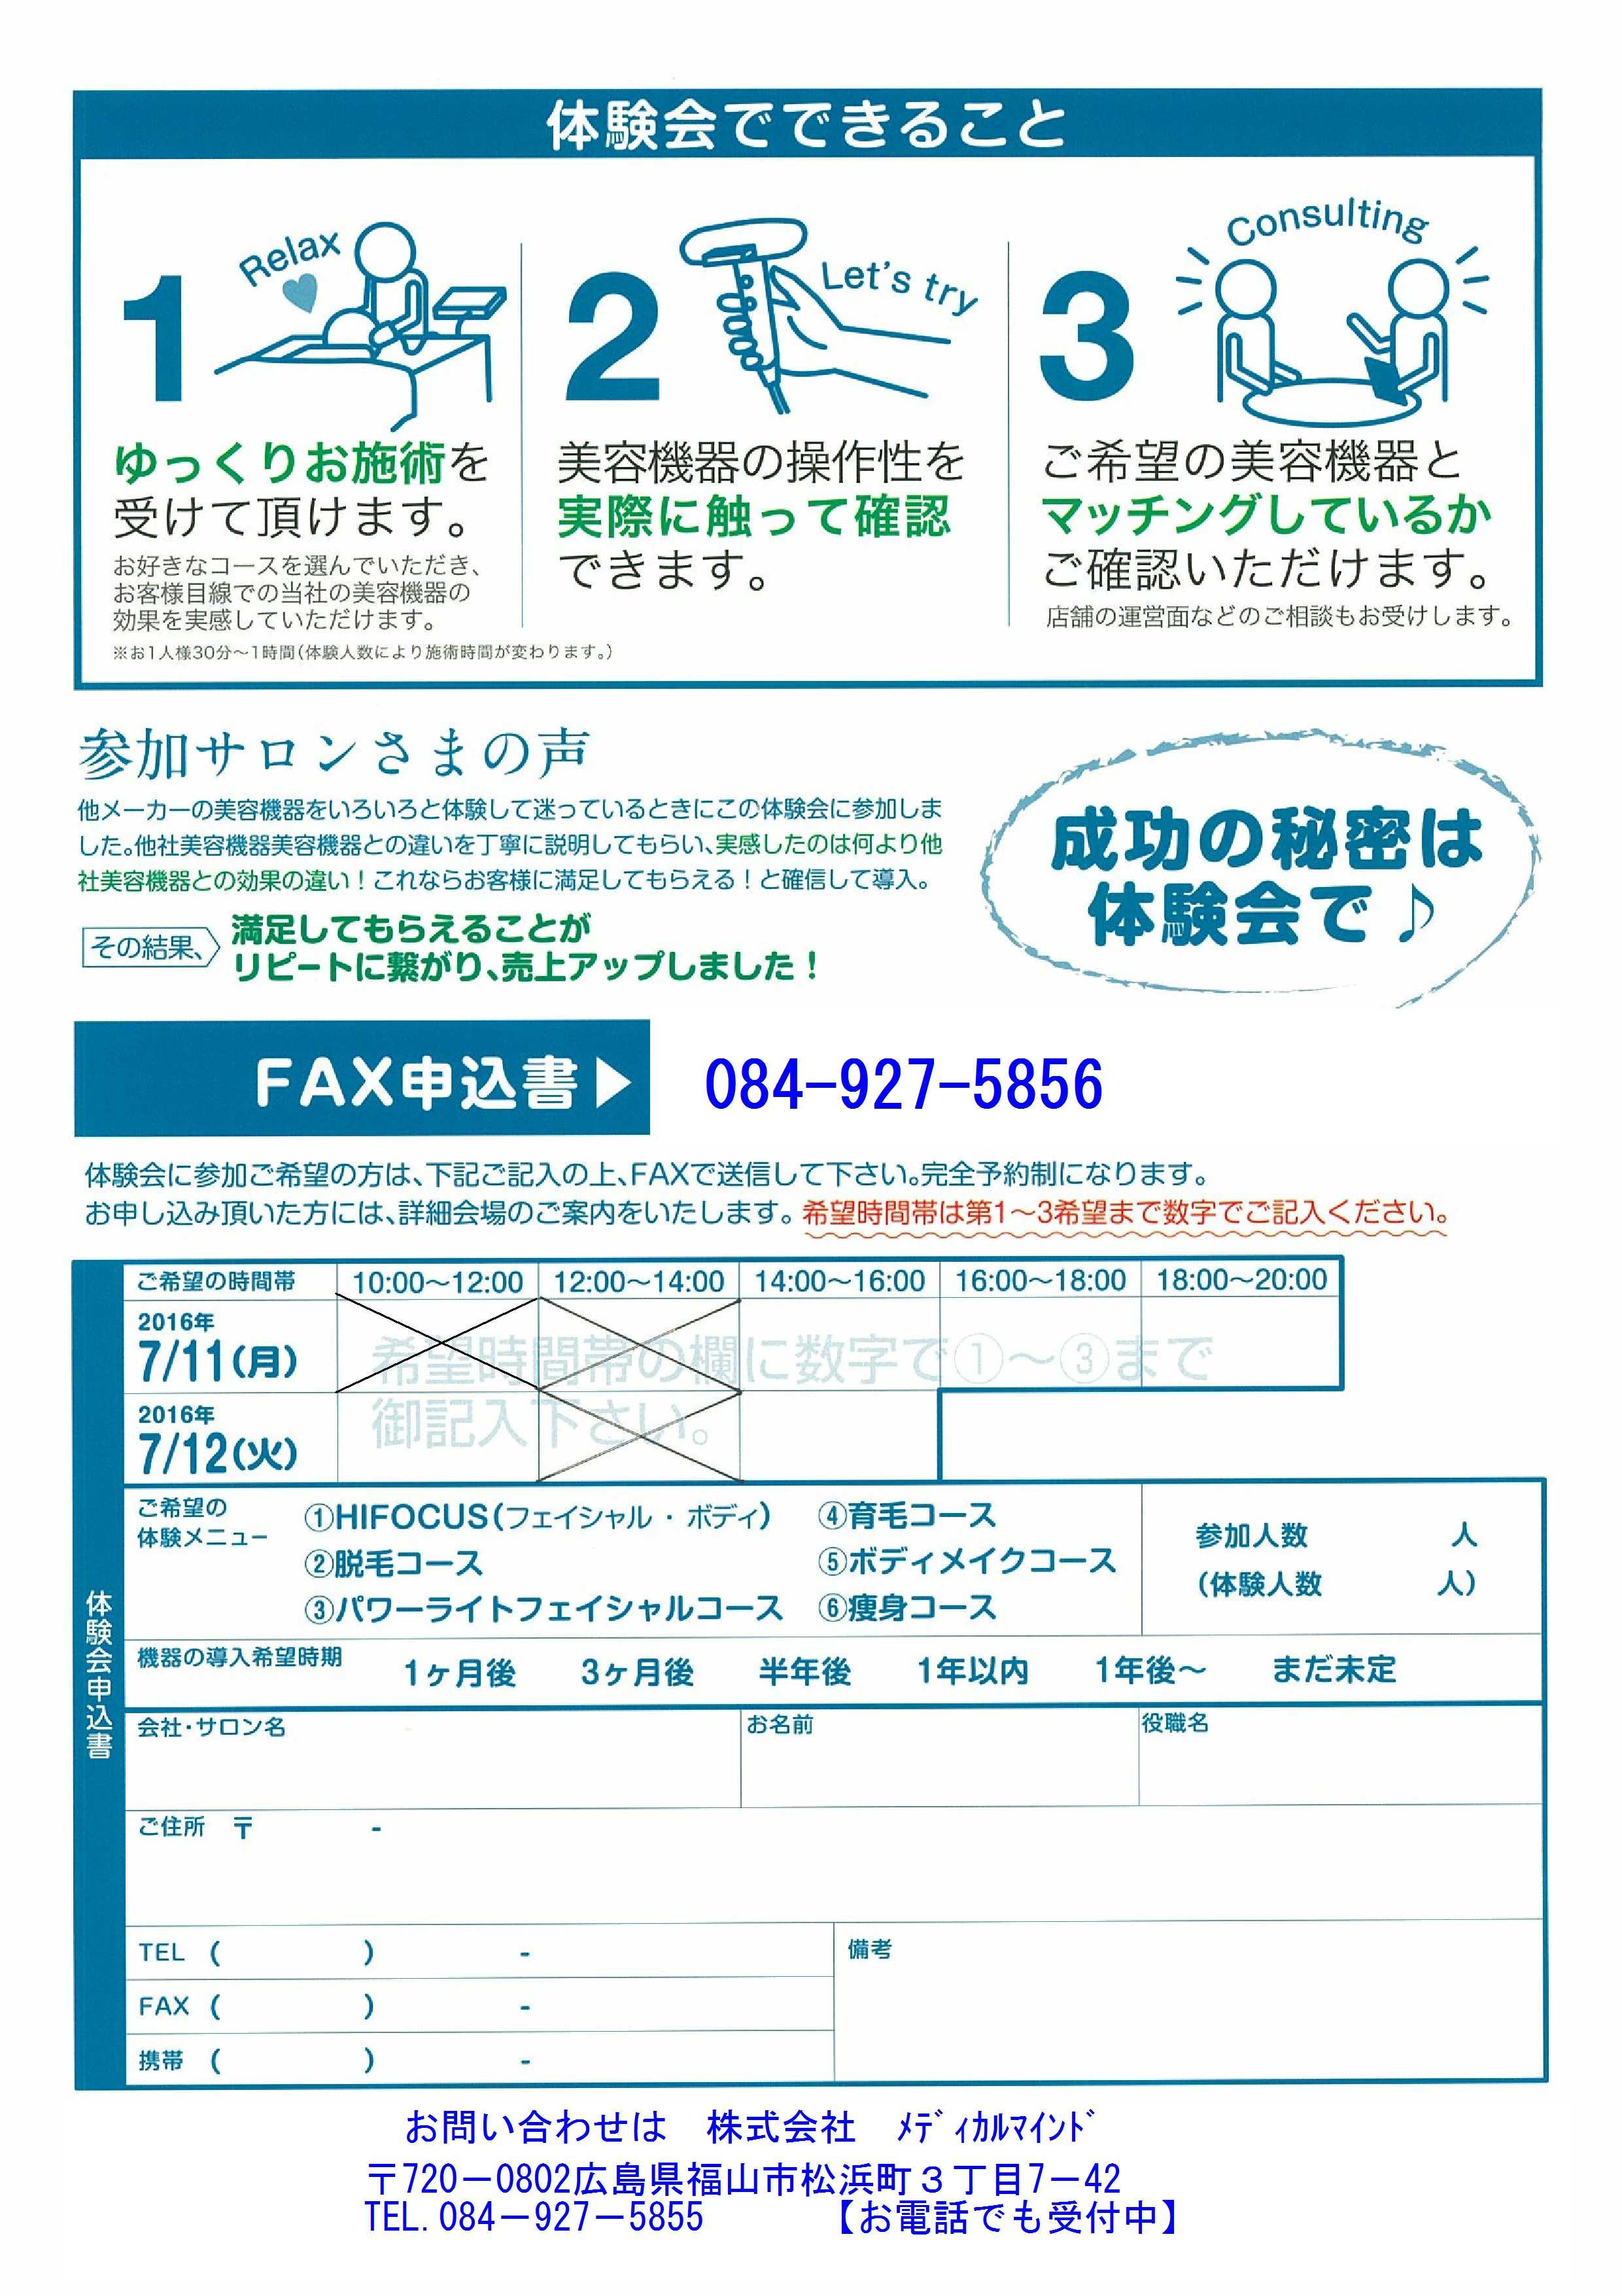 先着10サロン様限定の美容機器無料体験会 FAX申込書